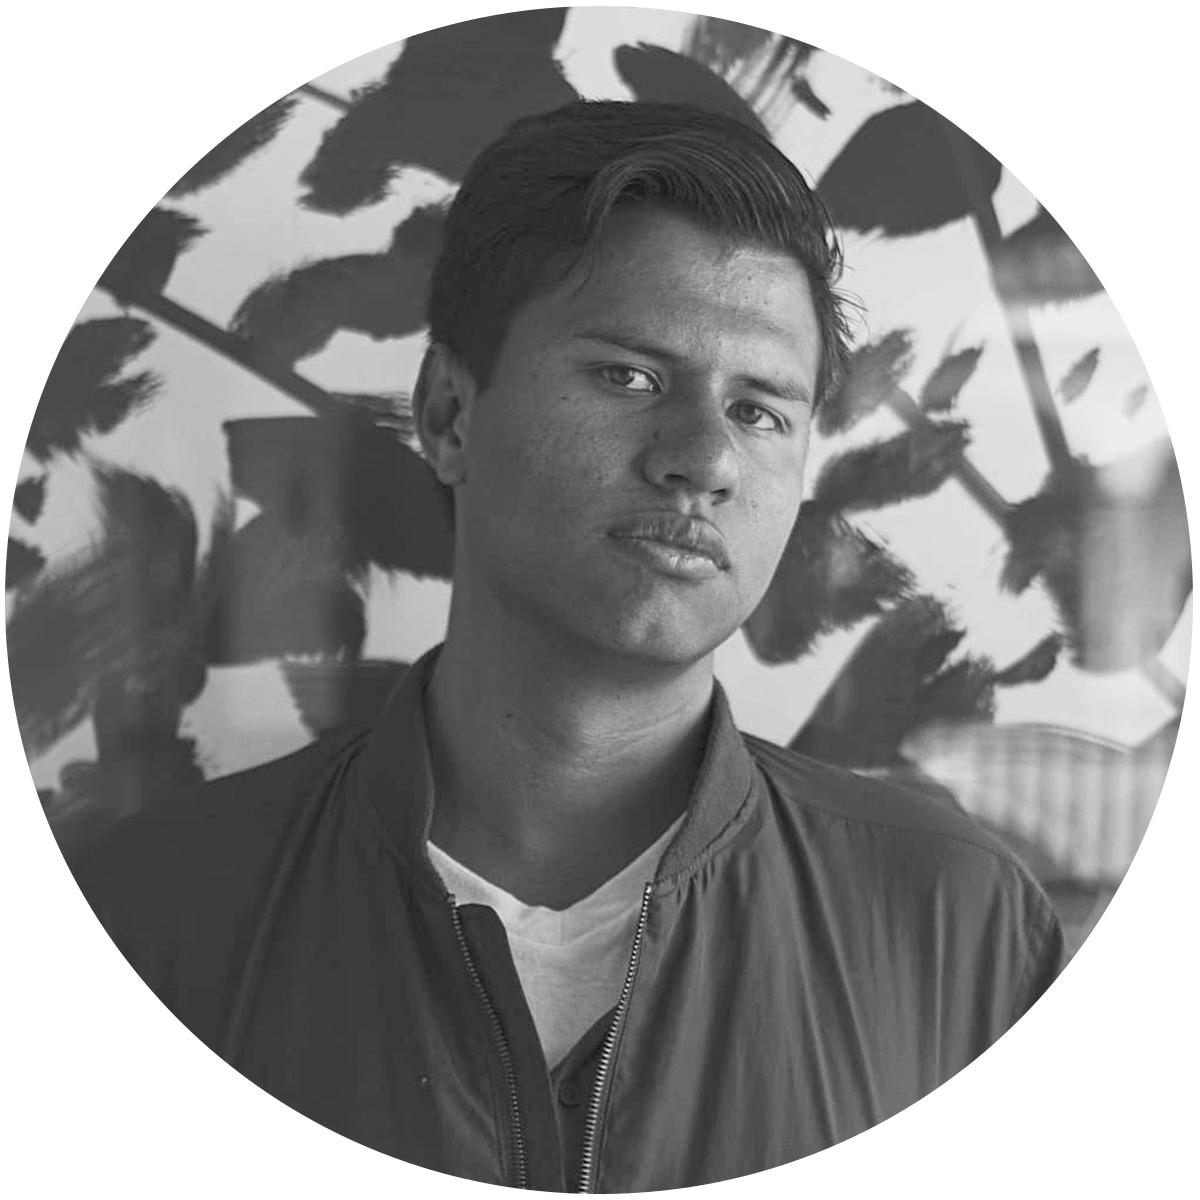 Ryan-creador